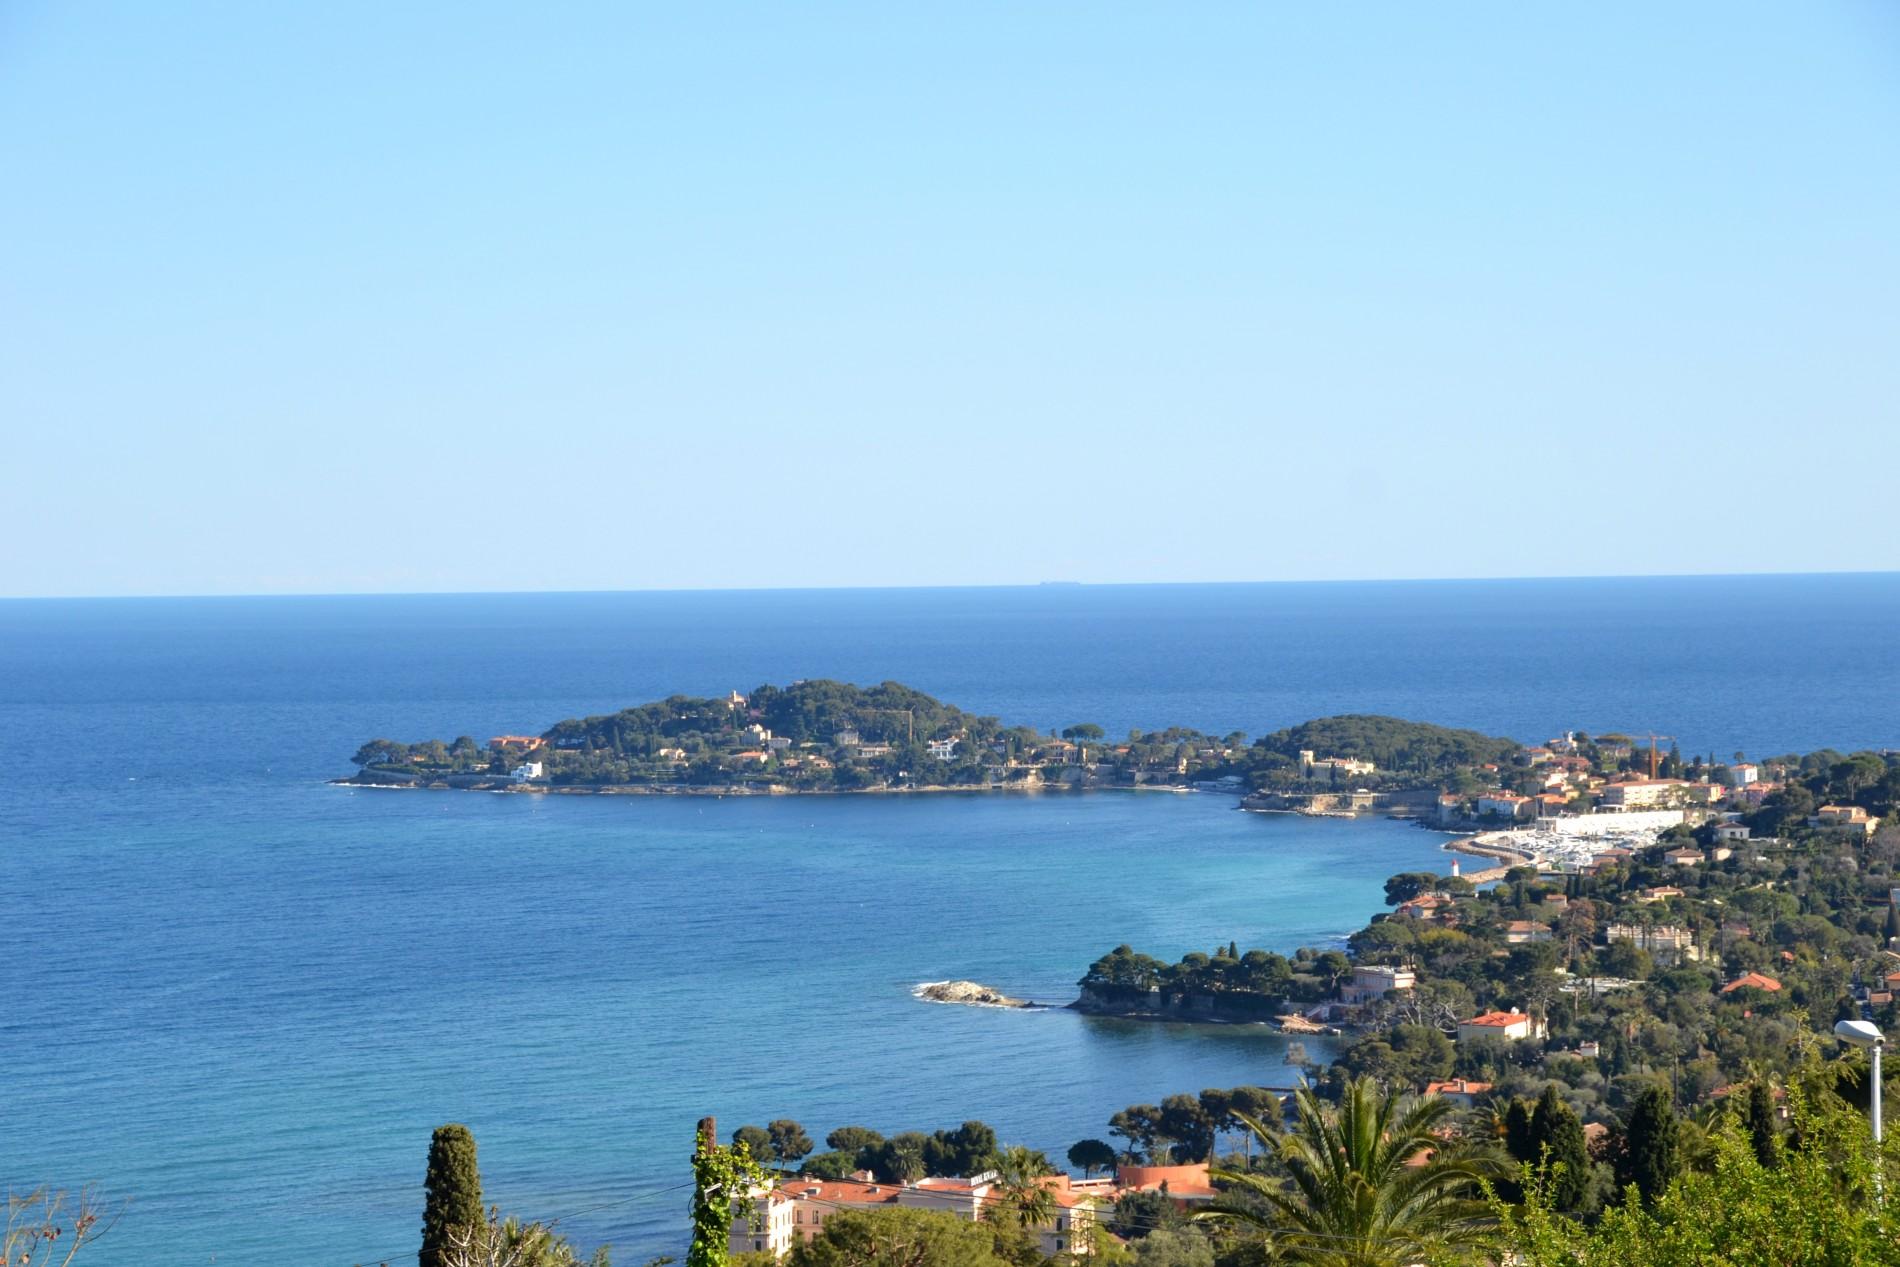 Cap Ferrat Cote d'Azur South of France